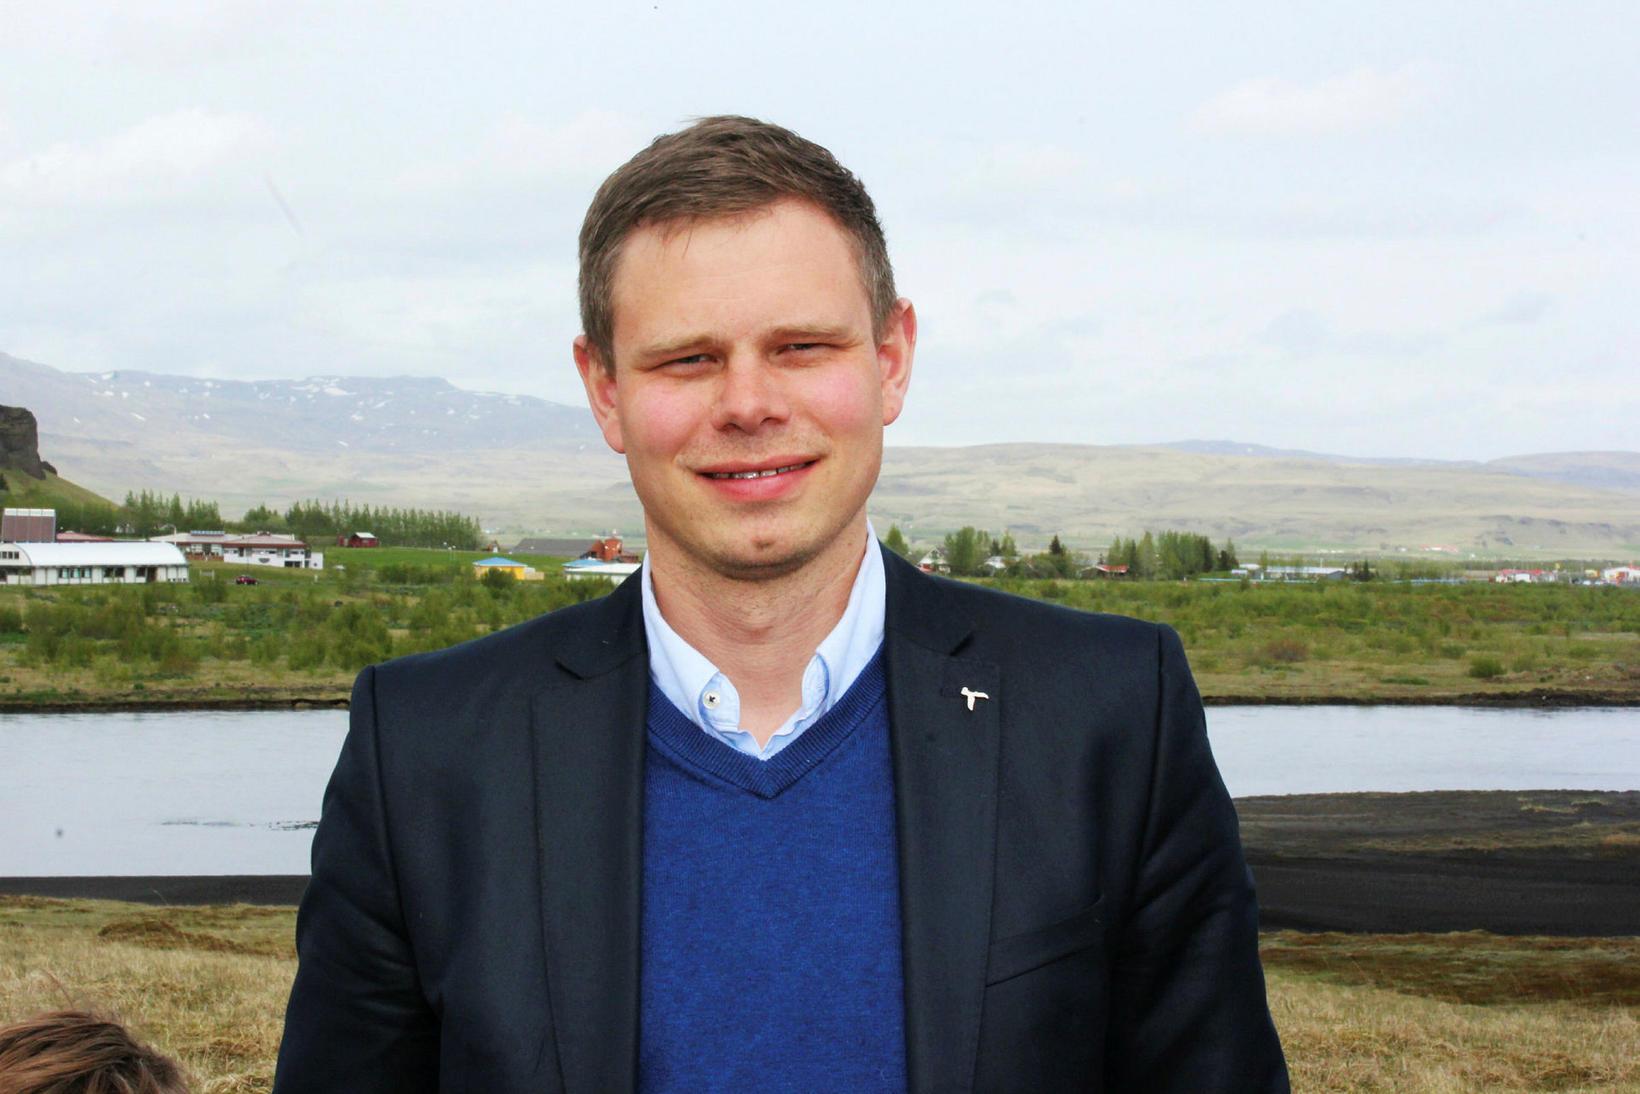 Vilhjálmur Árnason þingmaður Sjálfstæðisflokksins gerir nokkra fyrirvara við frumvarp um …